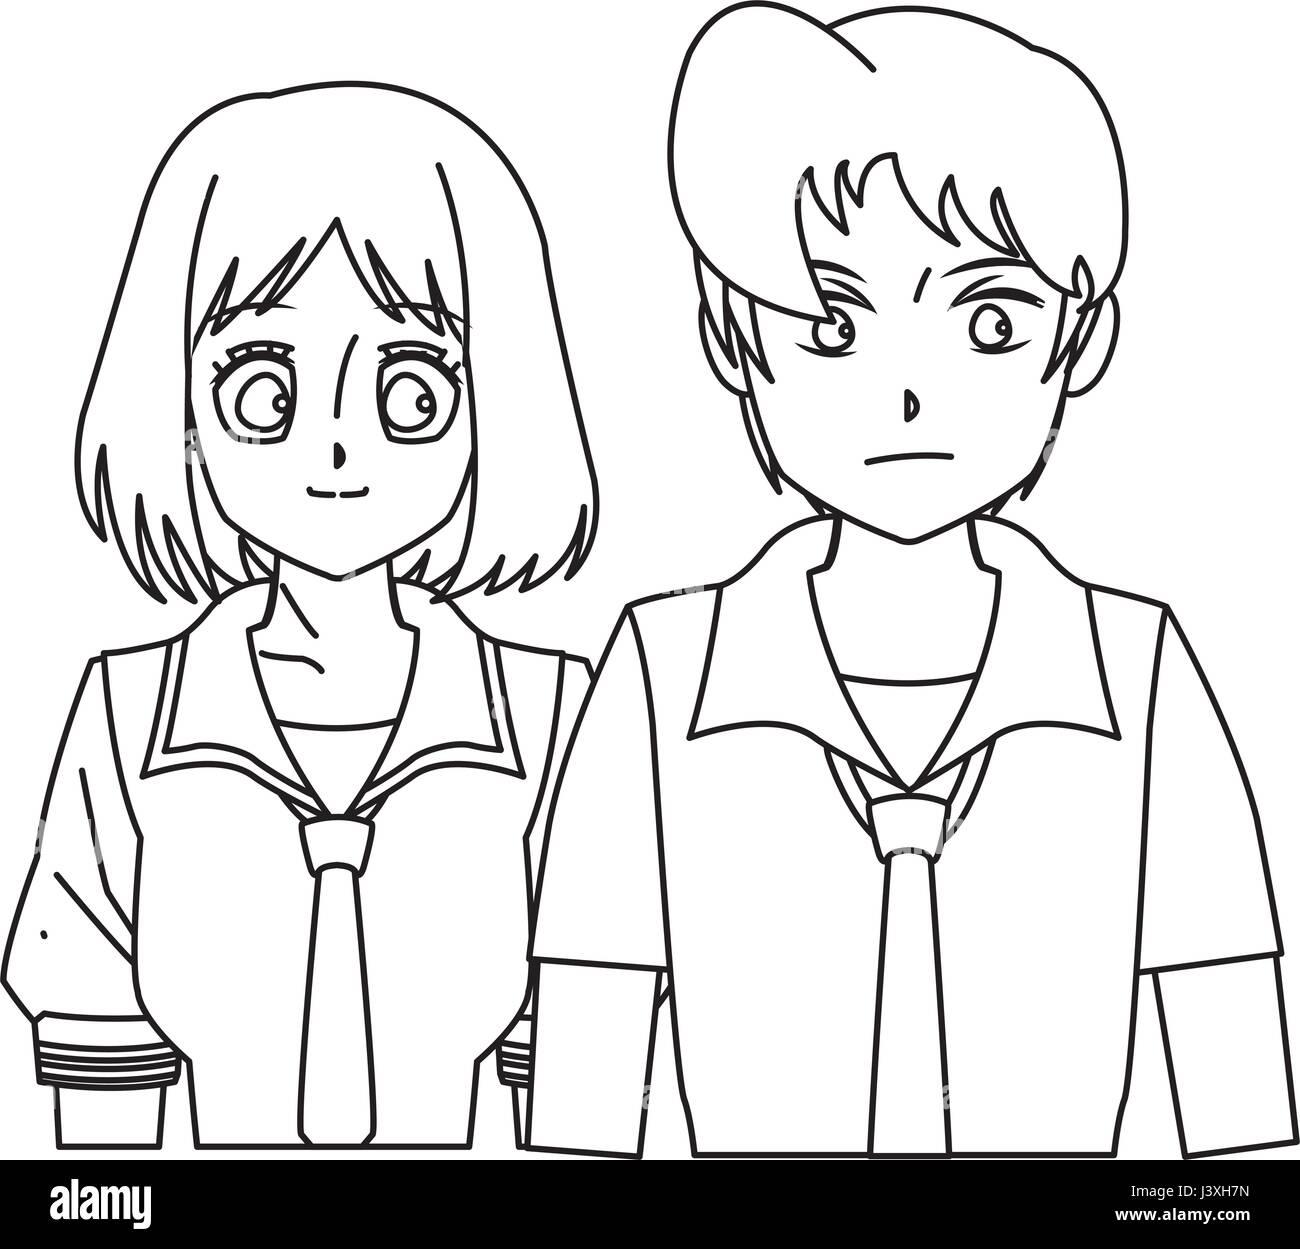 cartoon girl anime character outline stock photos cartoon girl